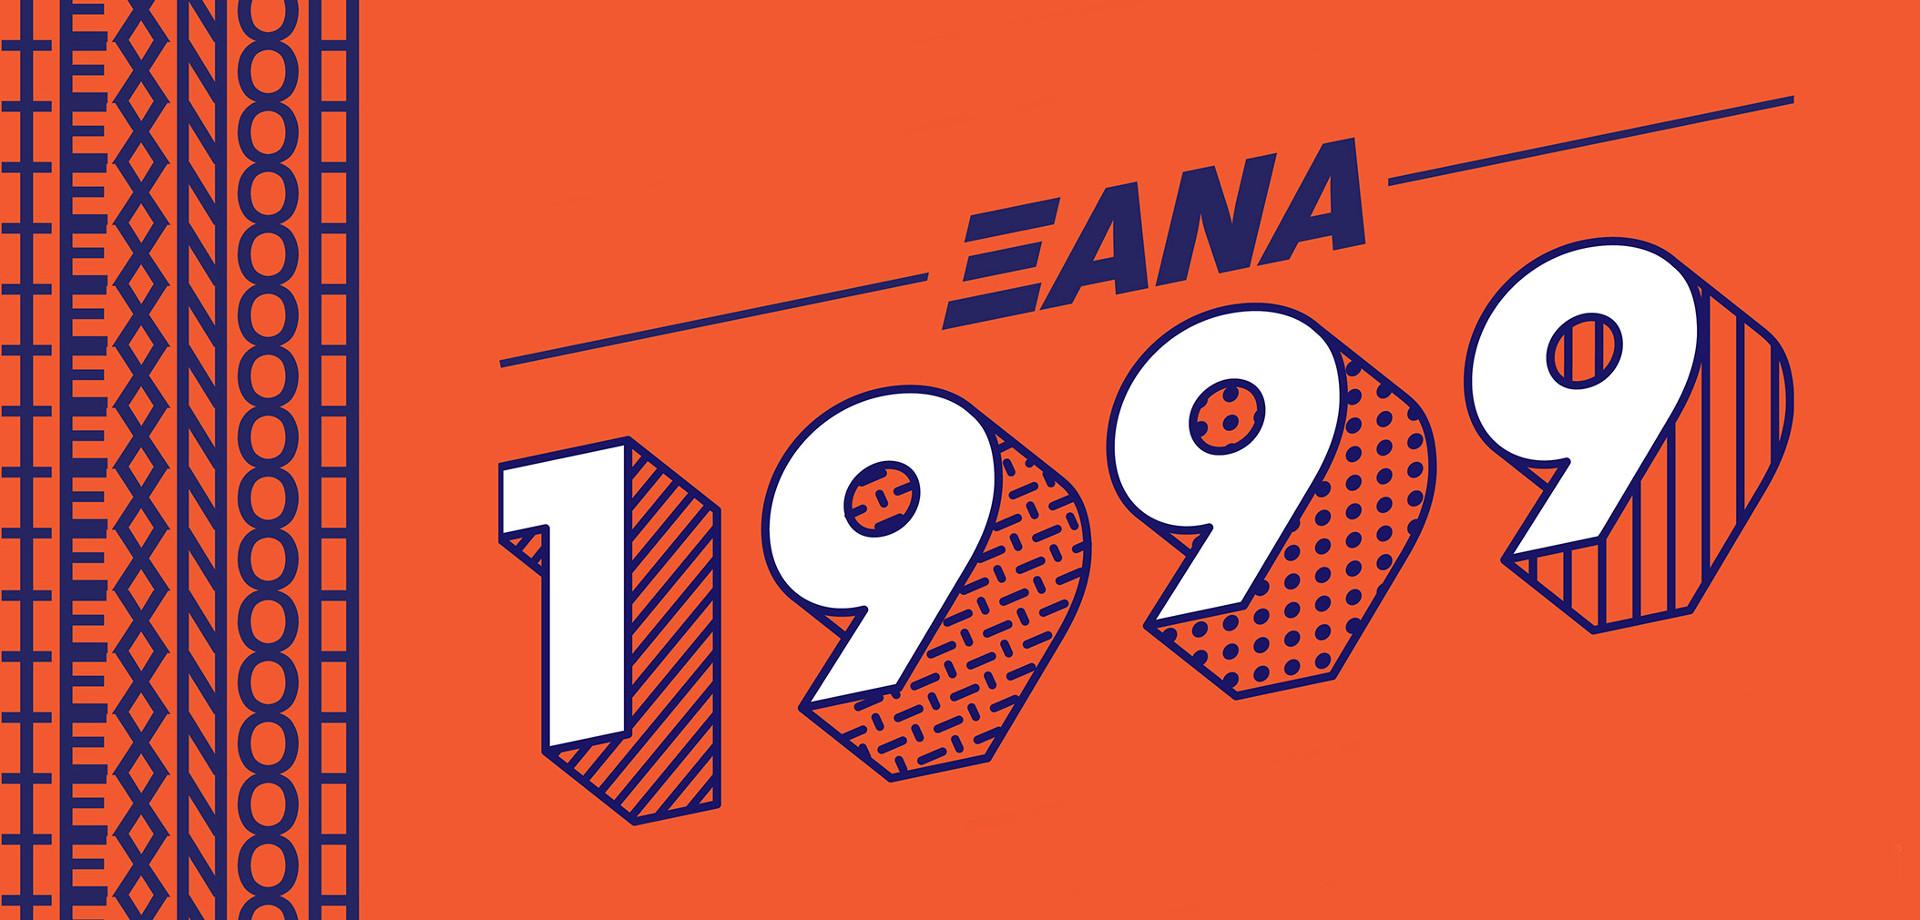 ΞΑΝΑ 1999